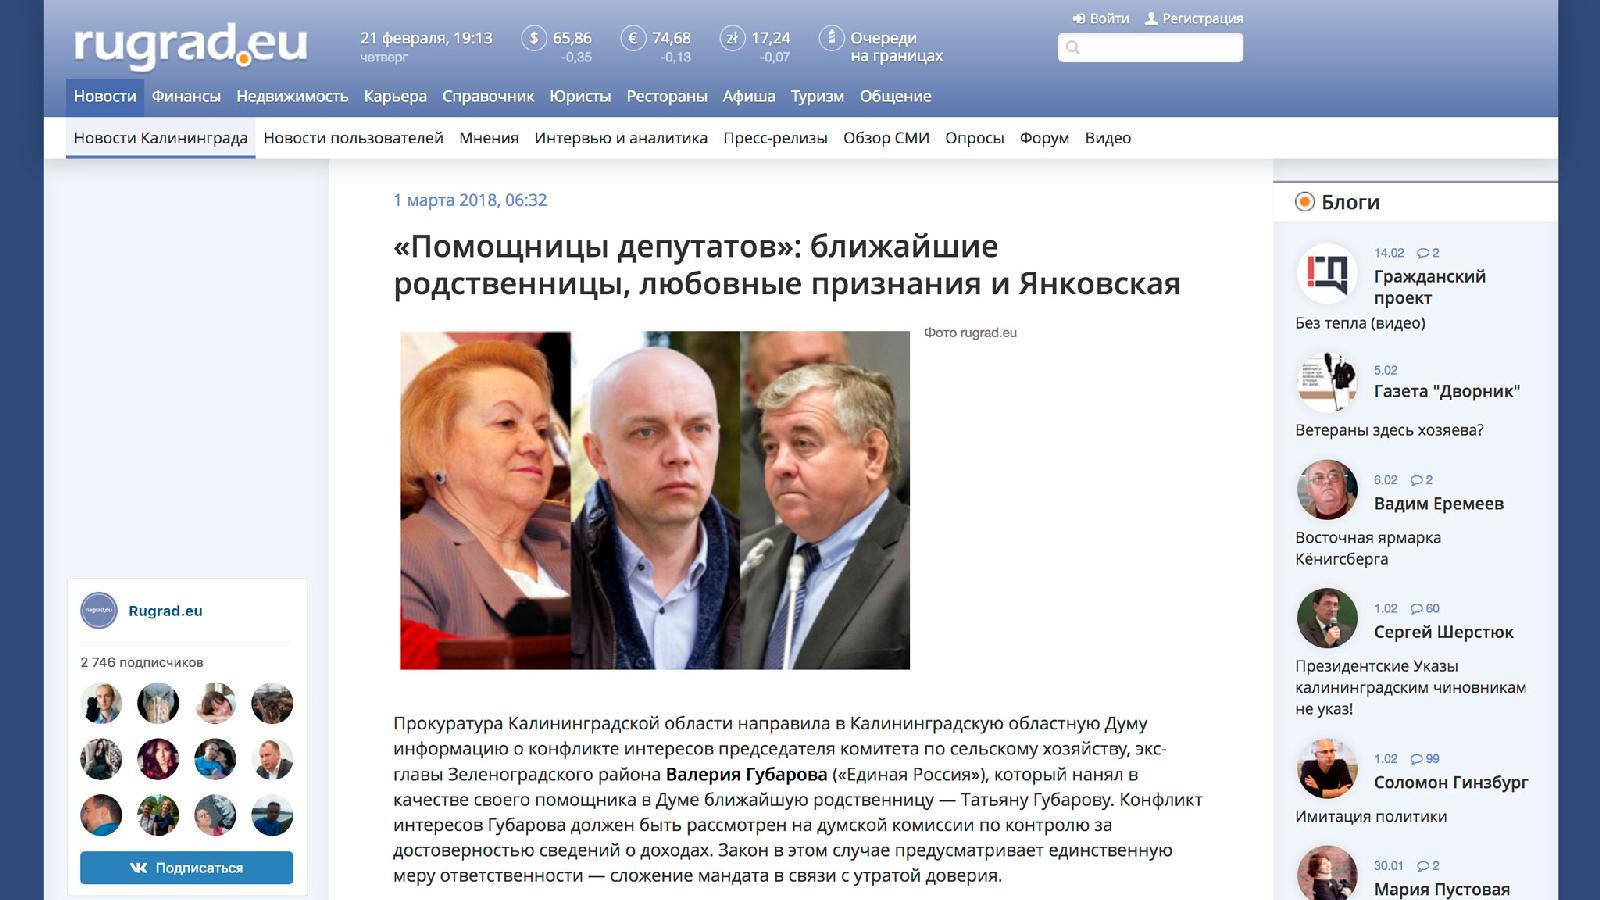 «Трансперенси Интернешнл – Россия» и Rugrad.eu обнаружили, что помощниками депутатов Калининградской областной думы работали их родственники